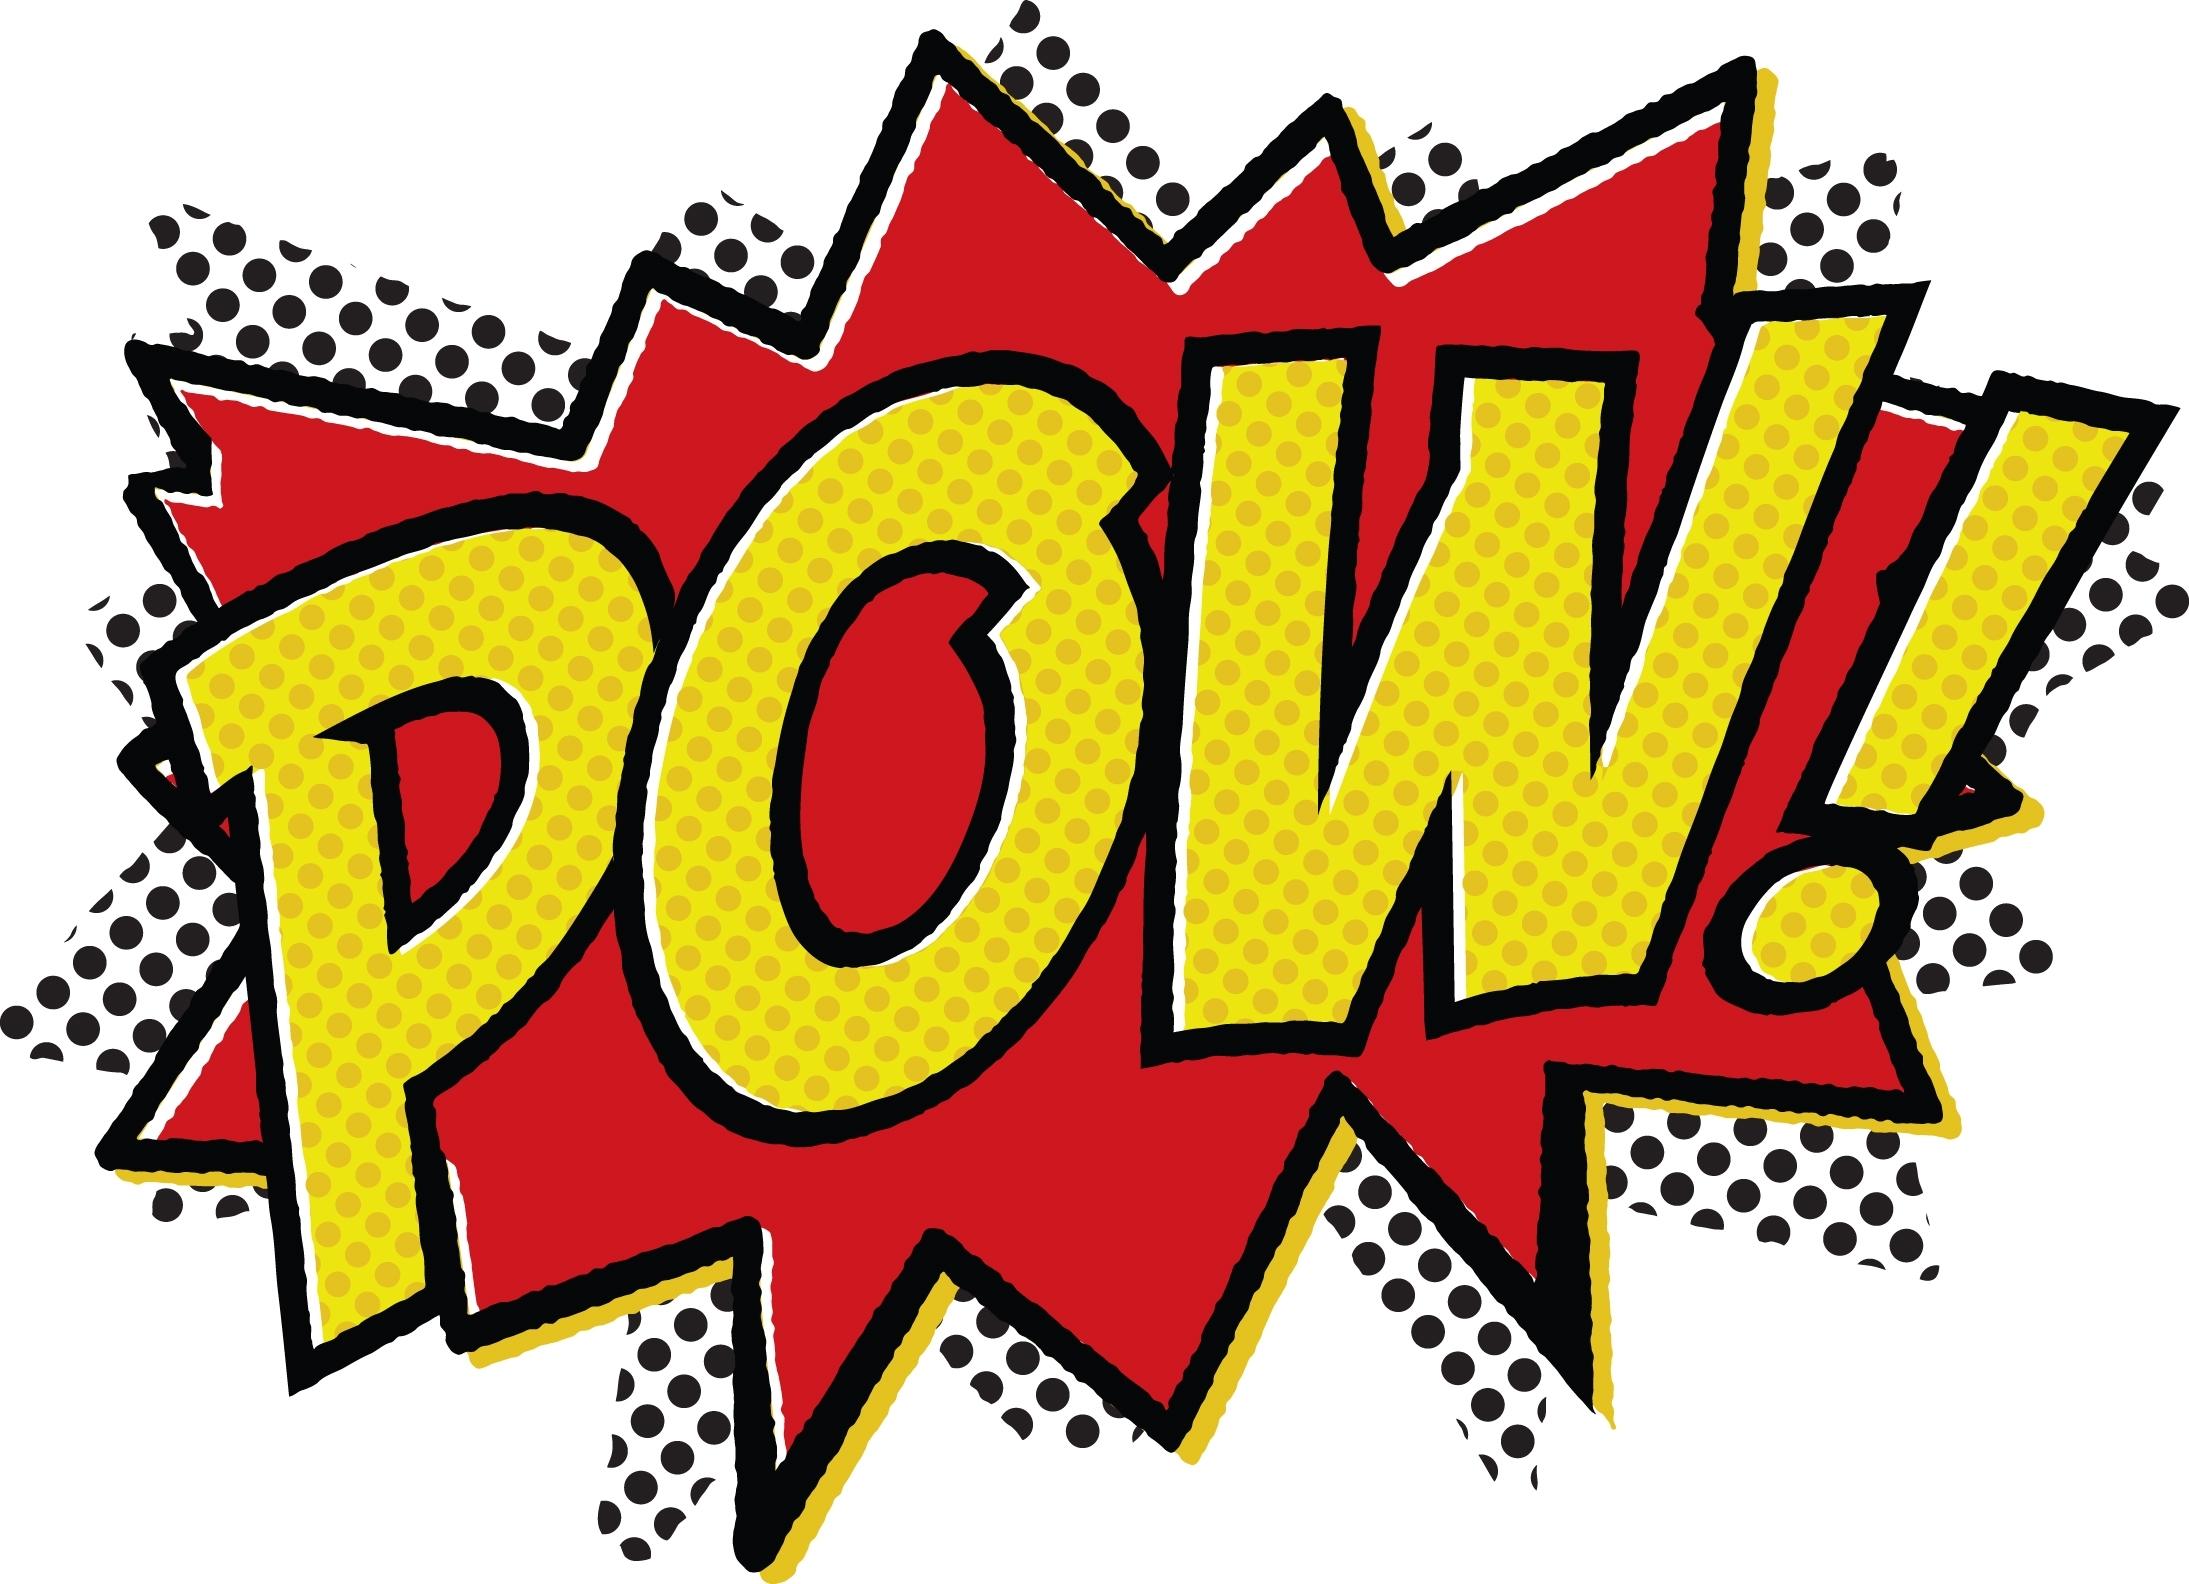 17 Pow Comic Book Font Images